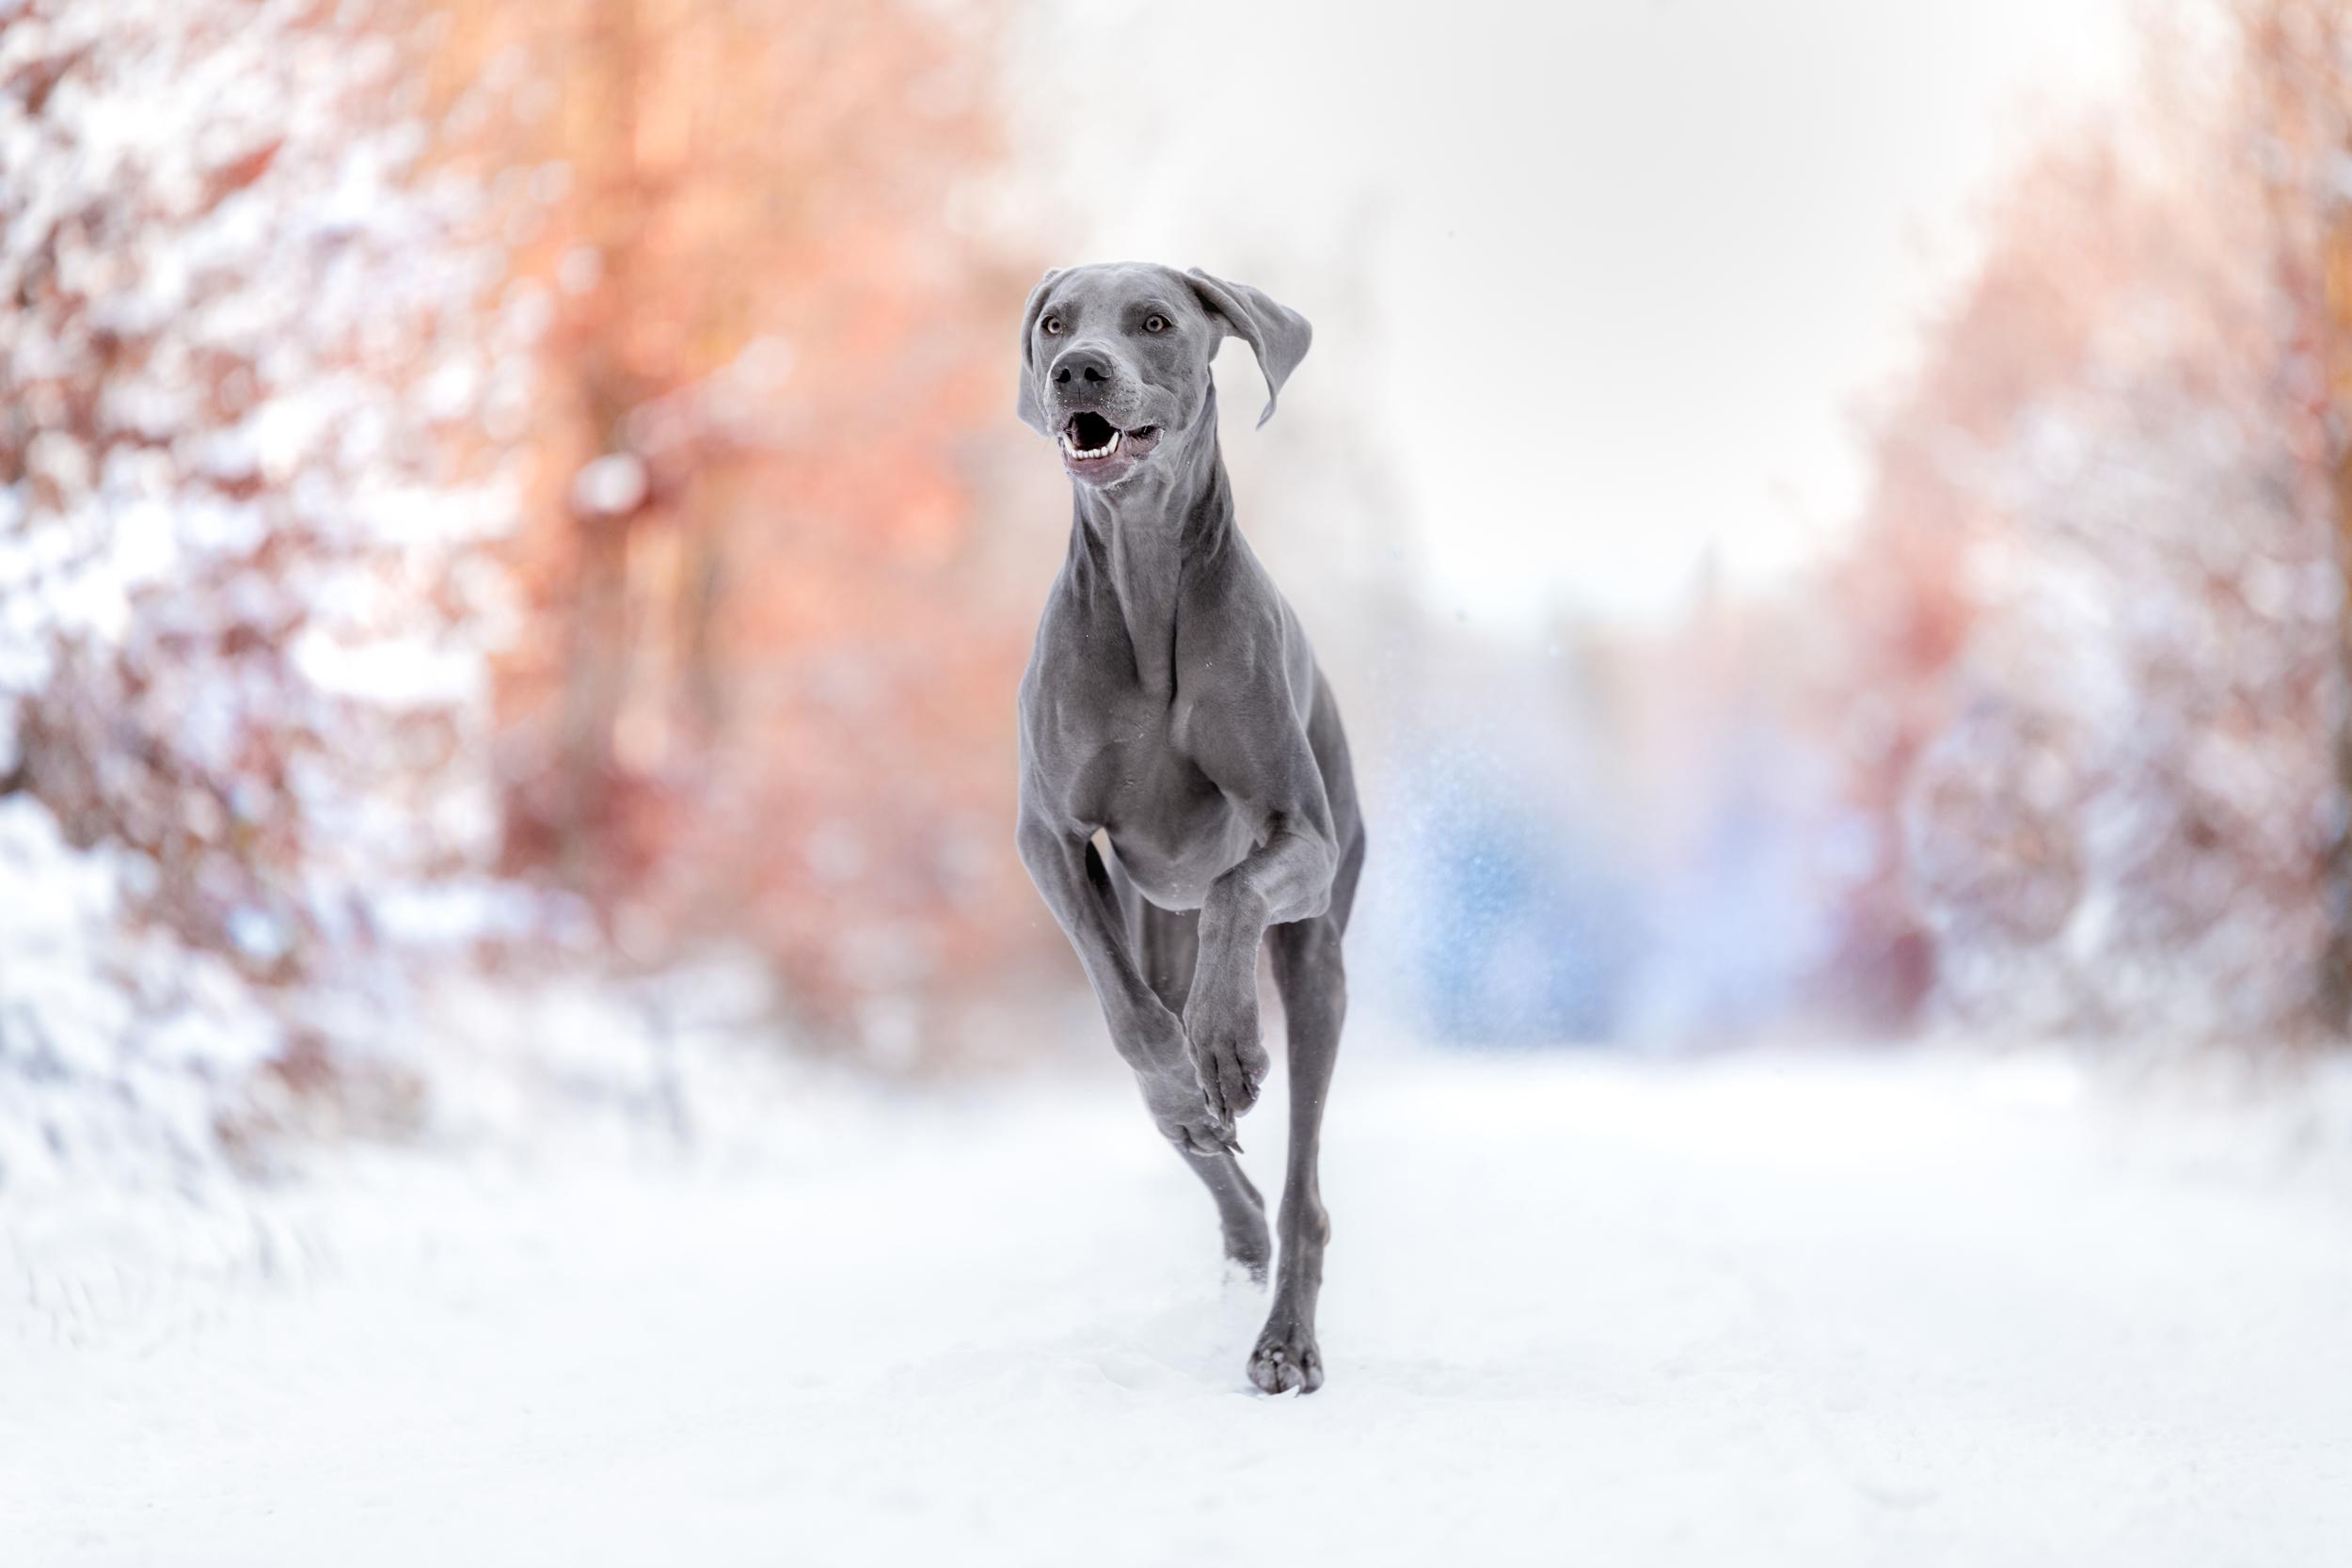 Hundefotografie Schweiz: Weimaraner rennt durch den Schnee